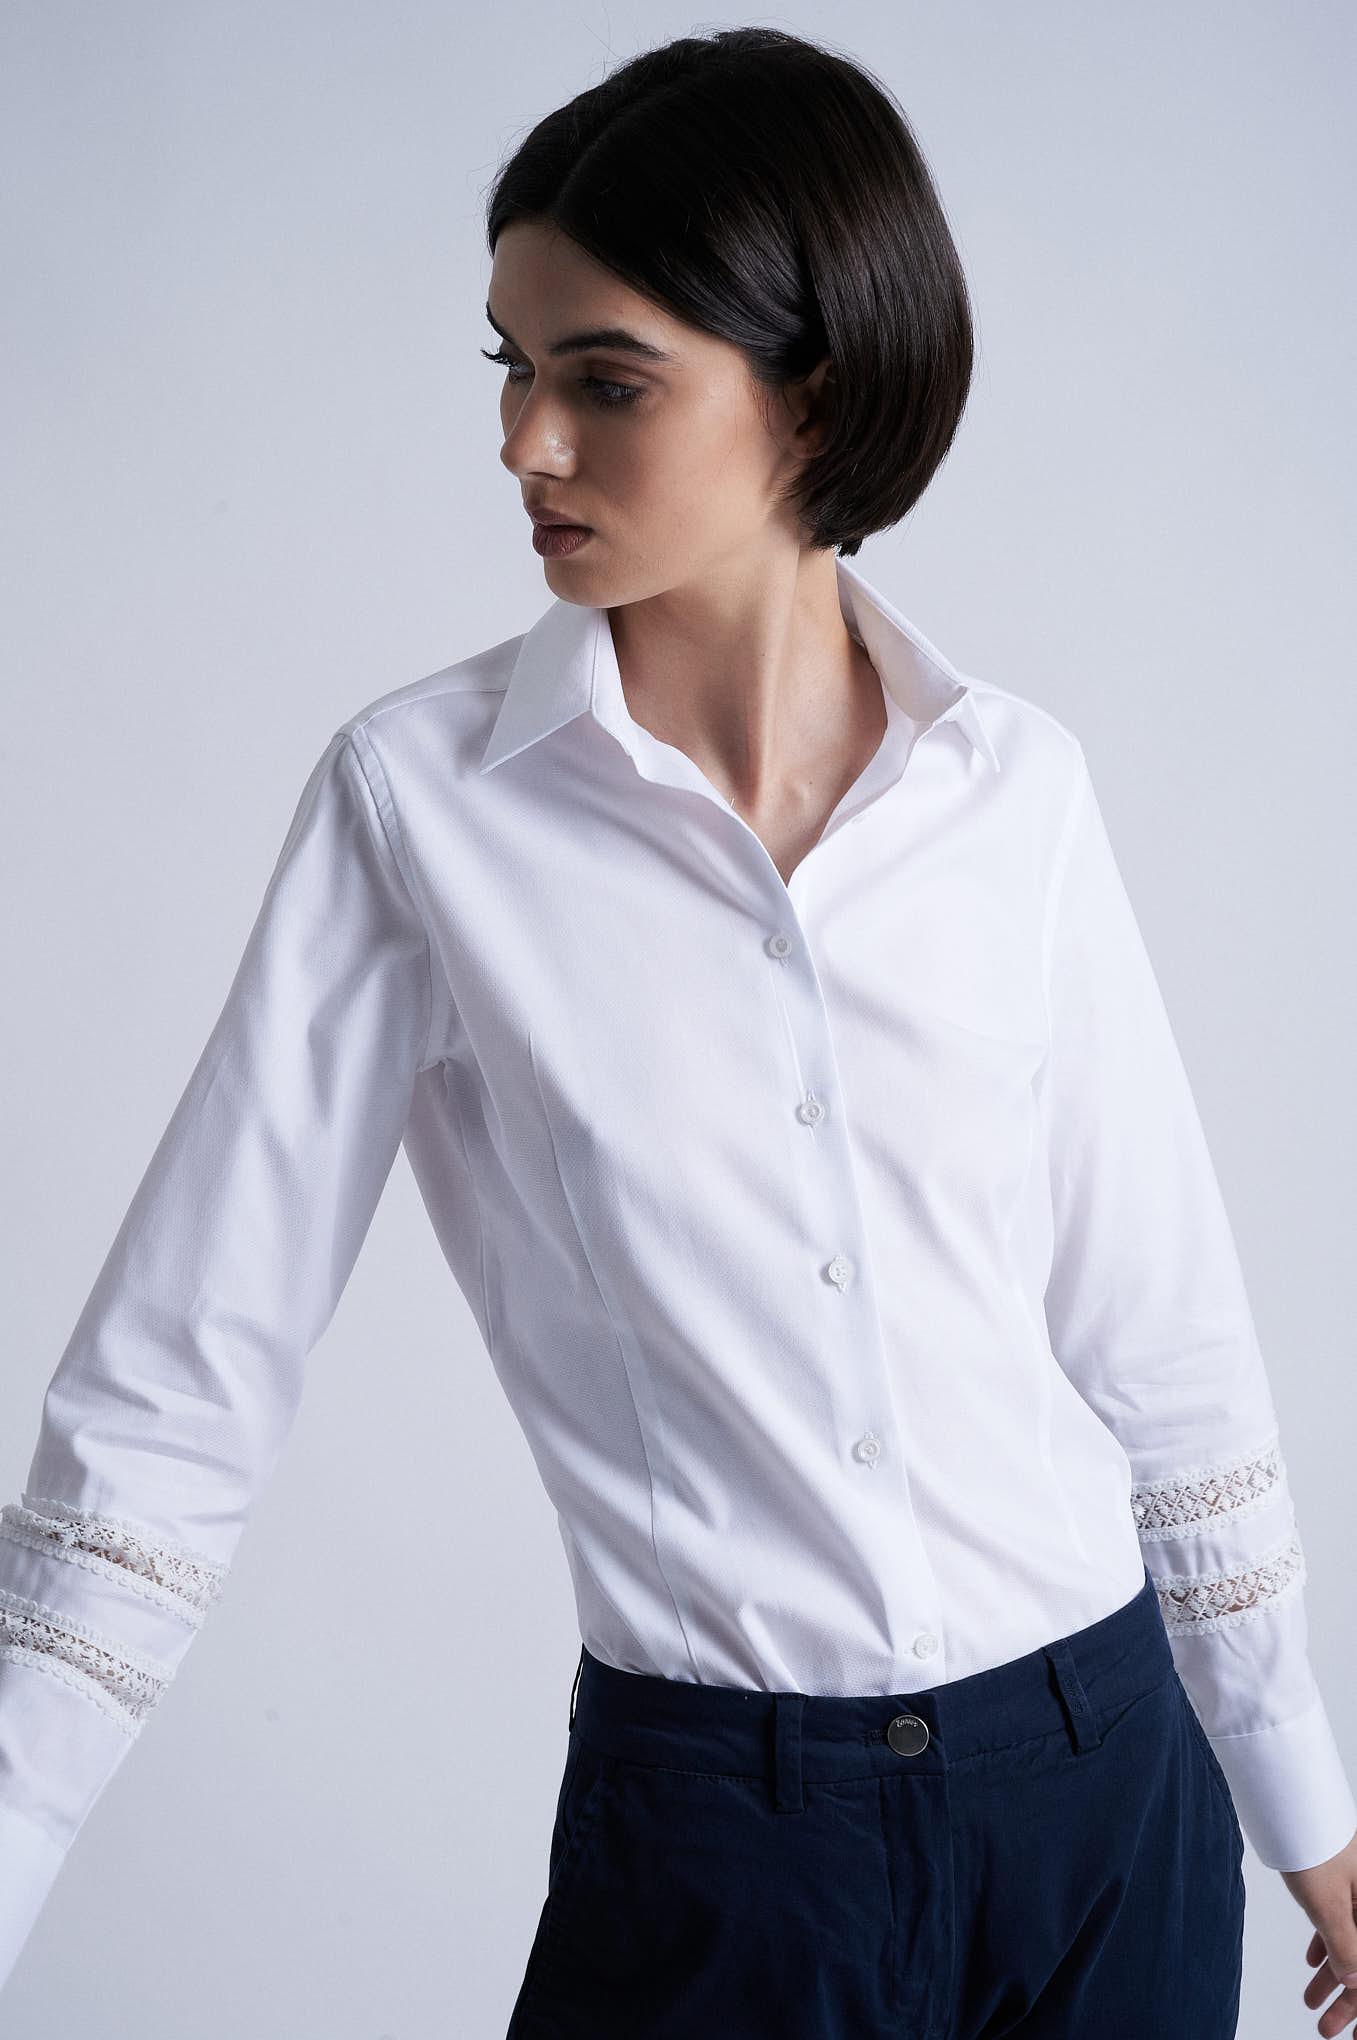 Shirt White Formal Woman